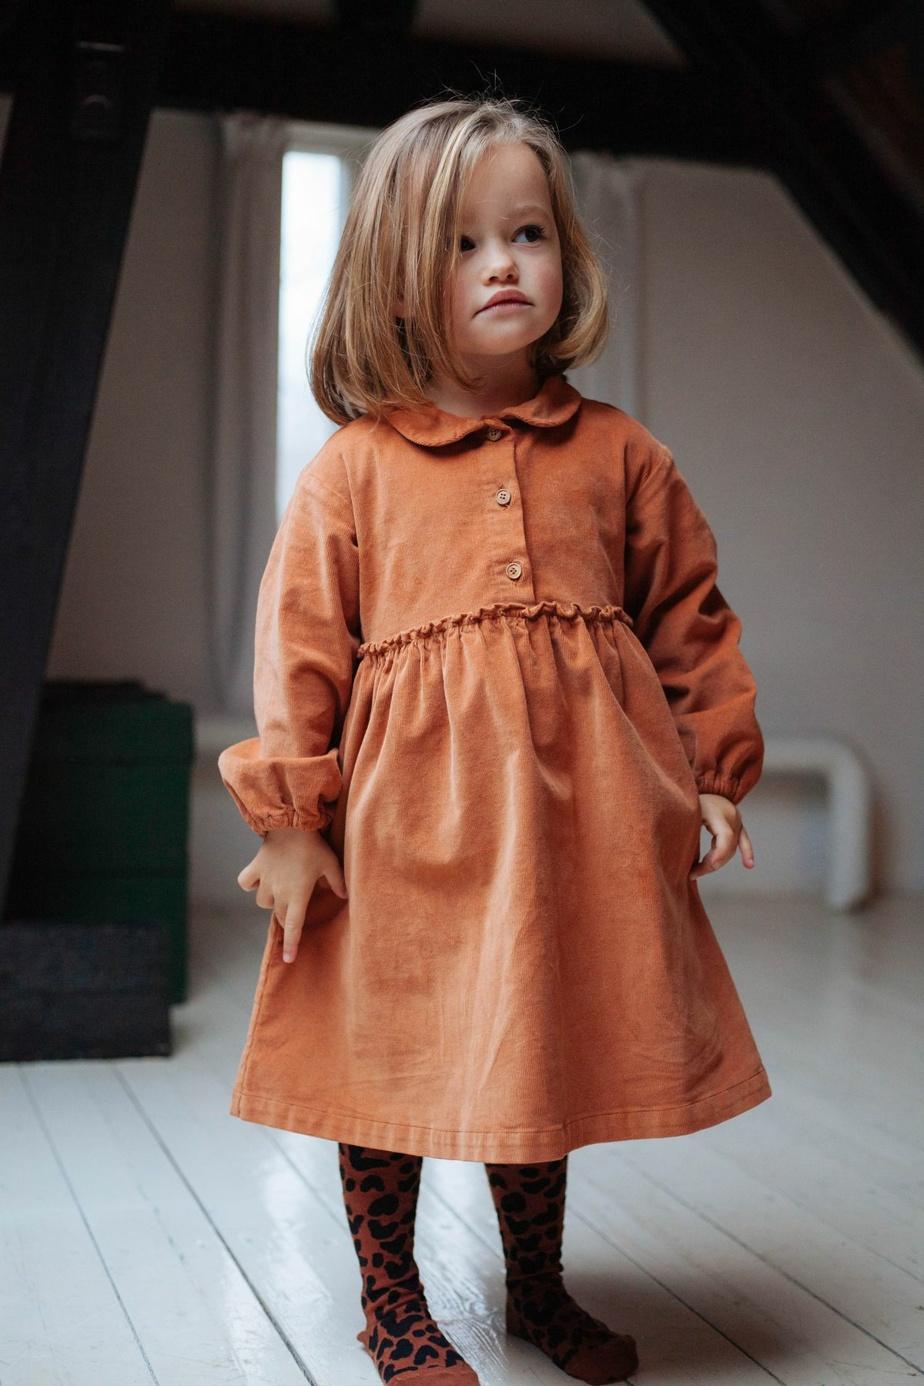 L'entreprise montréalaise d'économie circulaire Mini-Cycle propose des vêtements de seconde main ou neufs pour les enfants de 0 à 12ans et offre la possibilité de racheter nos vêtements pour enfants une fois qu'ils sont trop petits. De nombreuses marques d'ici et d'ailleurs sont à découvrir sur le site ou encore à la boutique, située dans Saint-Henri.